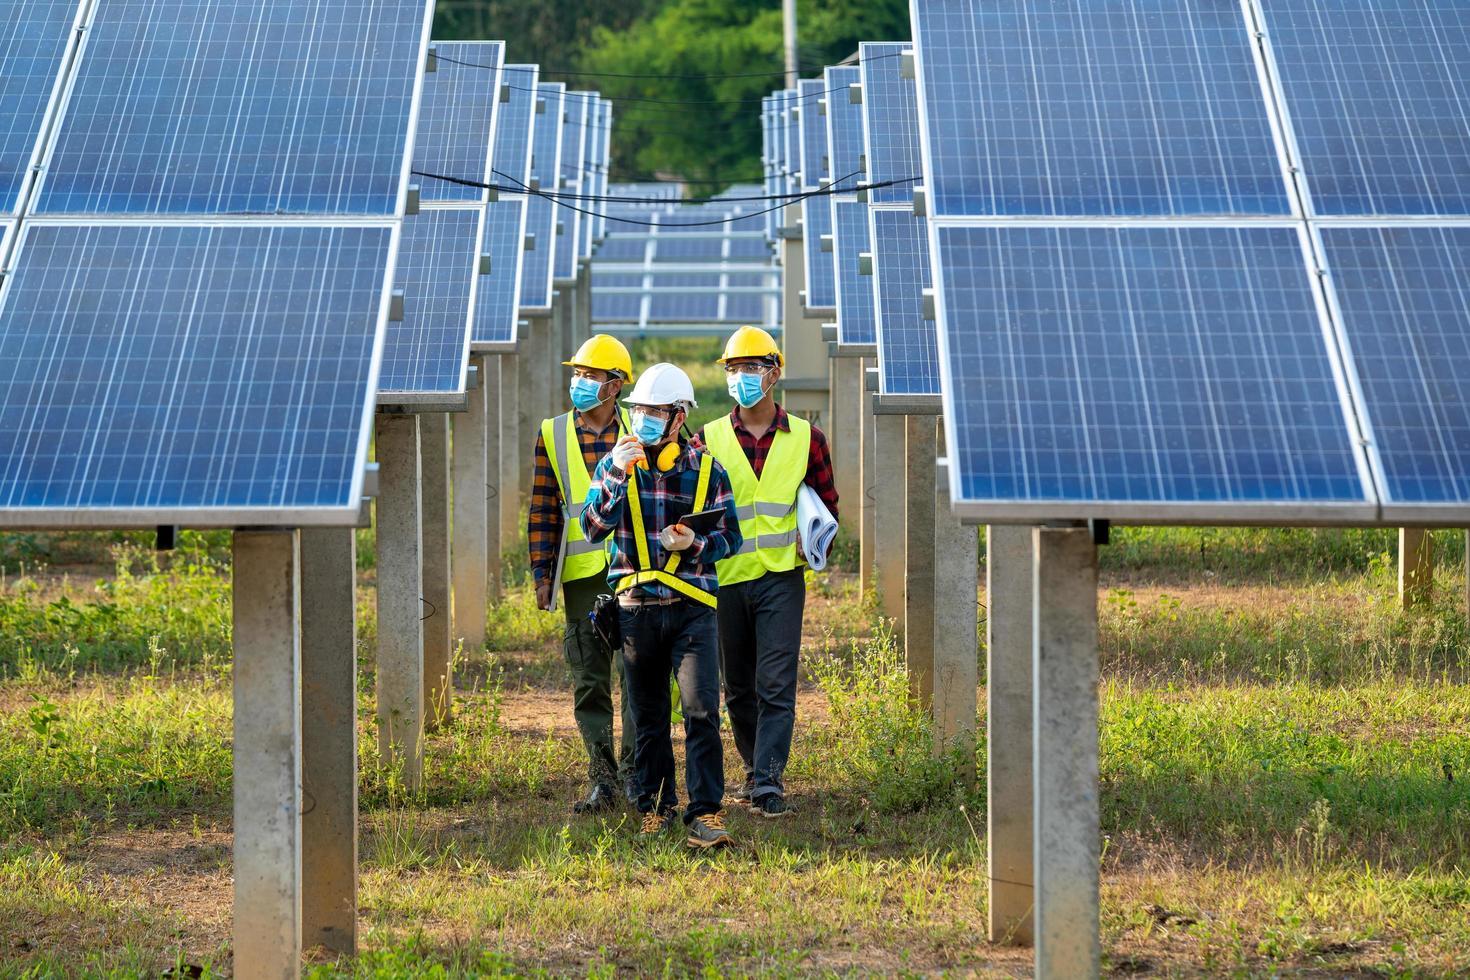 Mann trägt Sicherheitsausrüstung mit Sonnenkollektoren foto